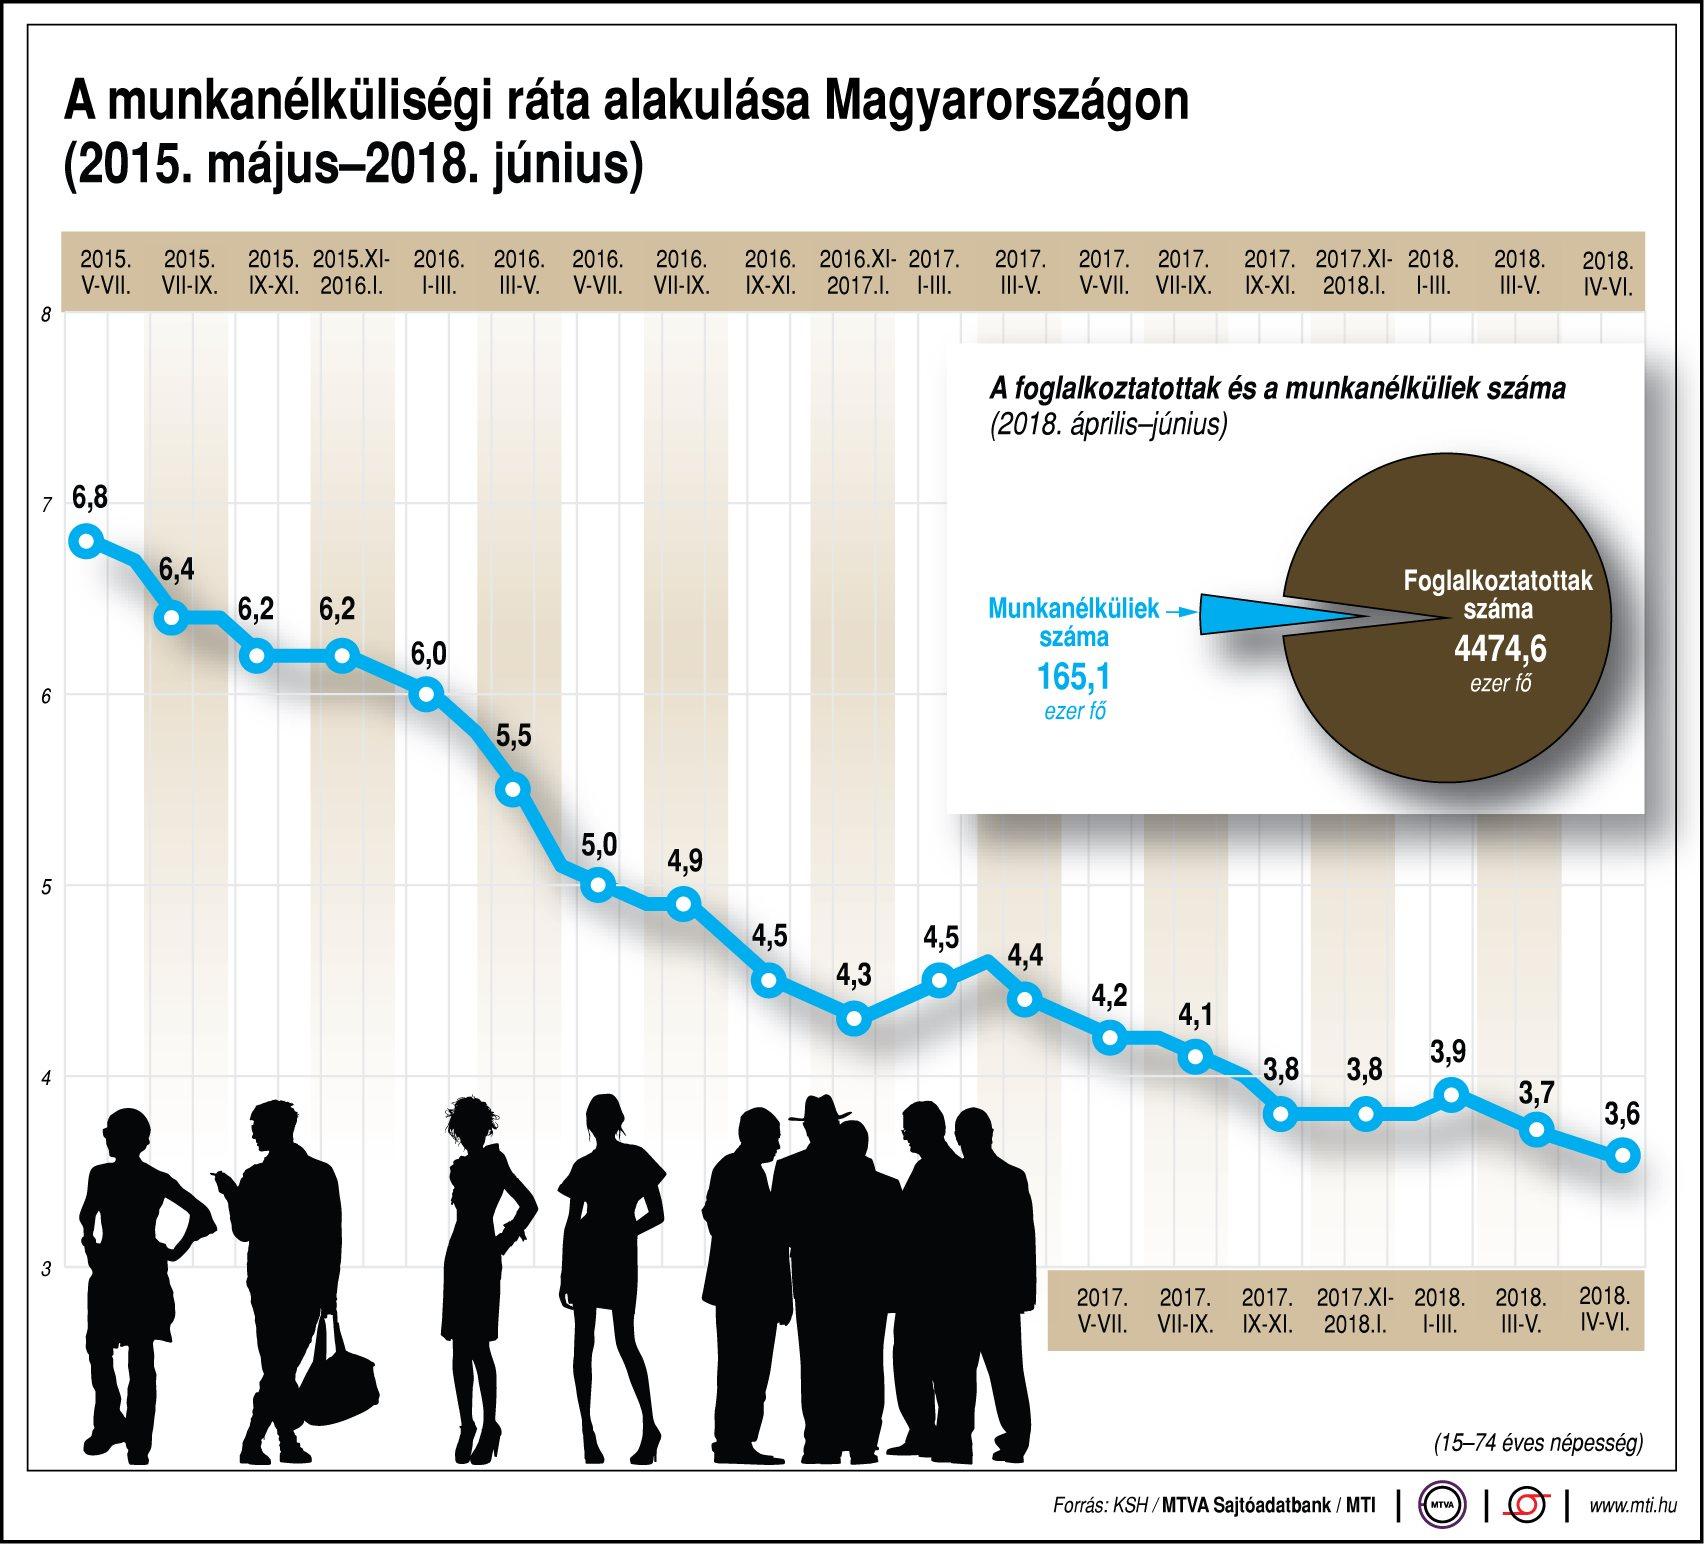 A munkanélküliségi ráta alakulása Magyarországon (2015. május-2018. június)